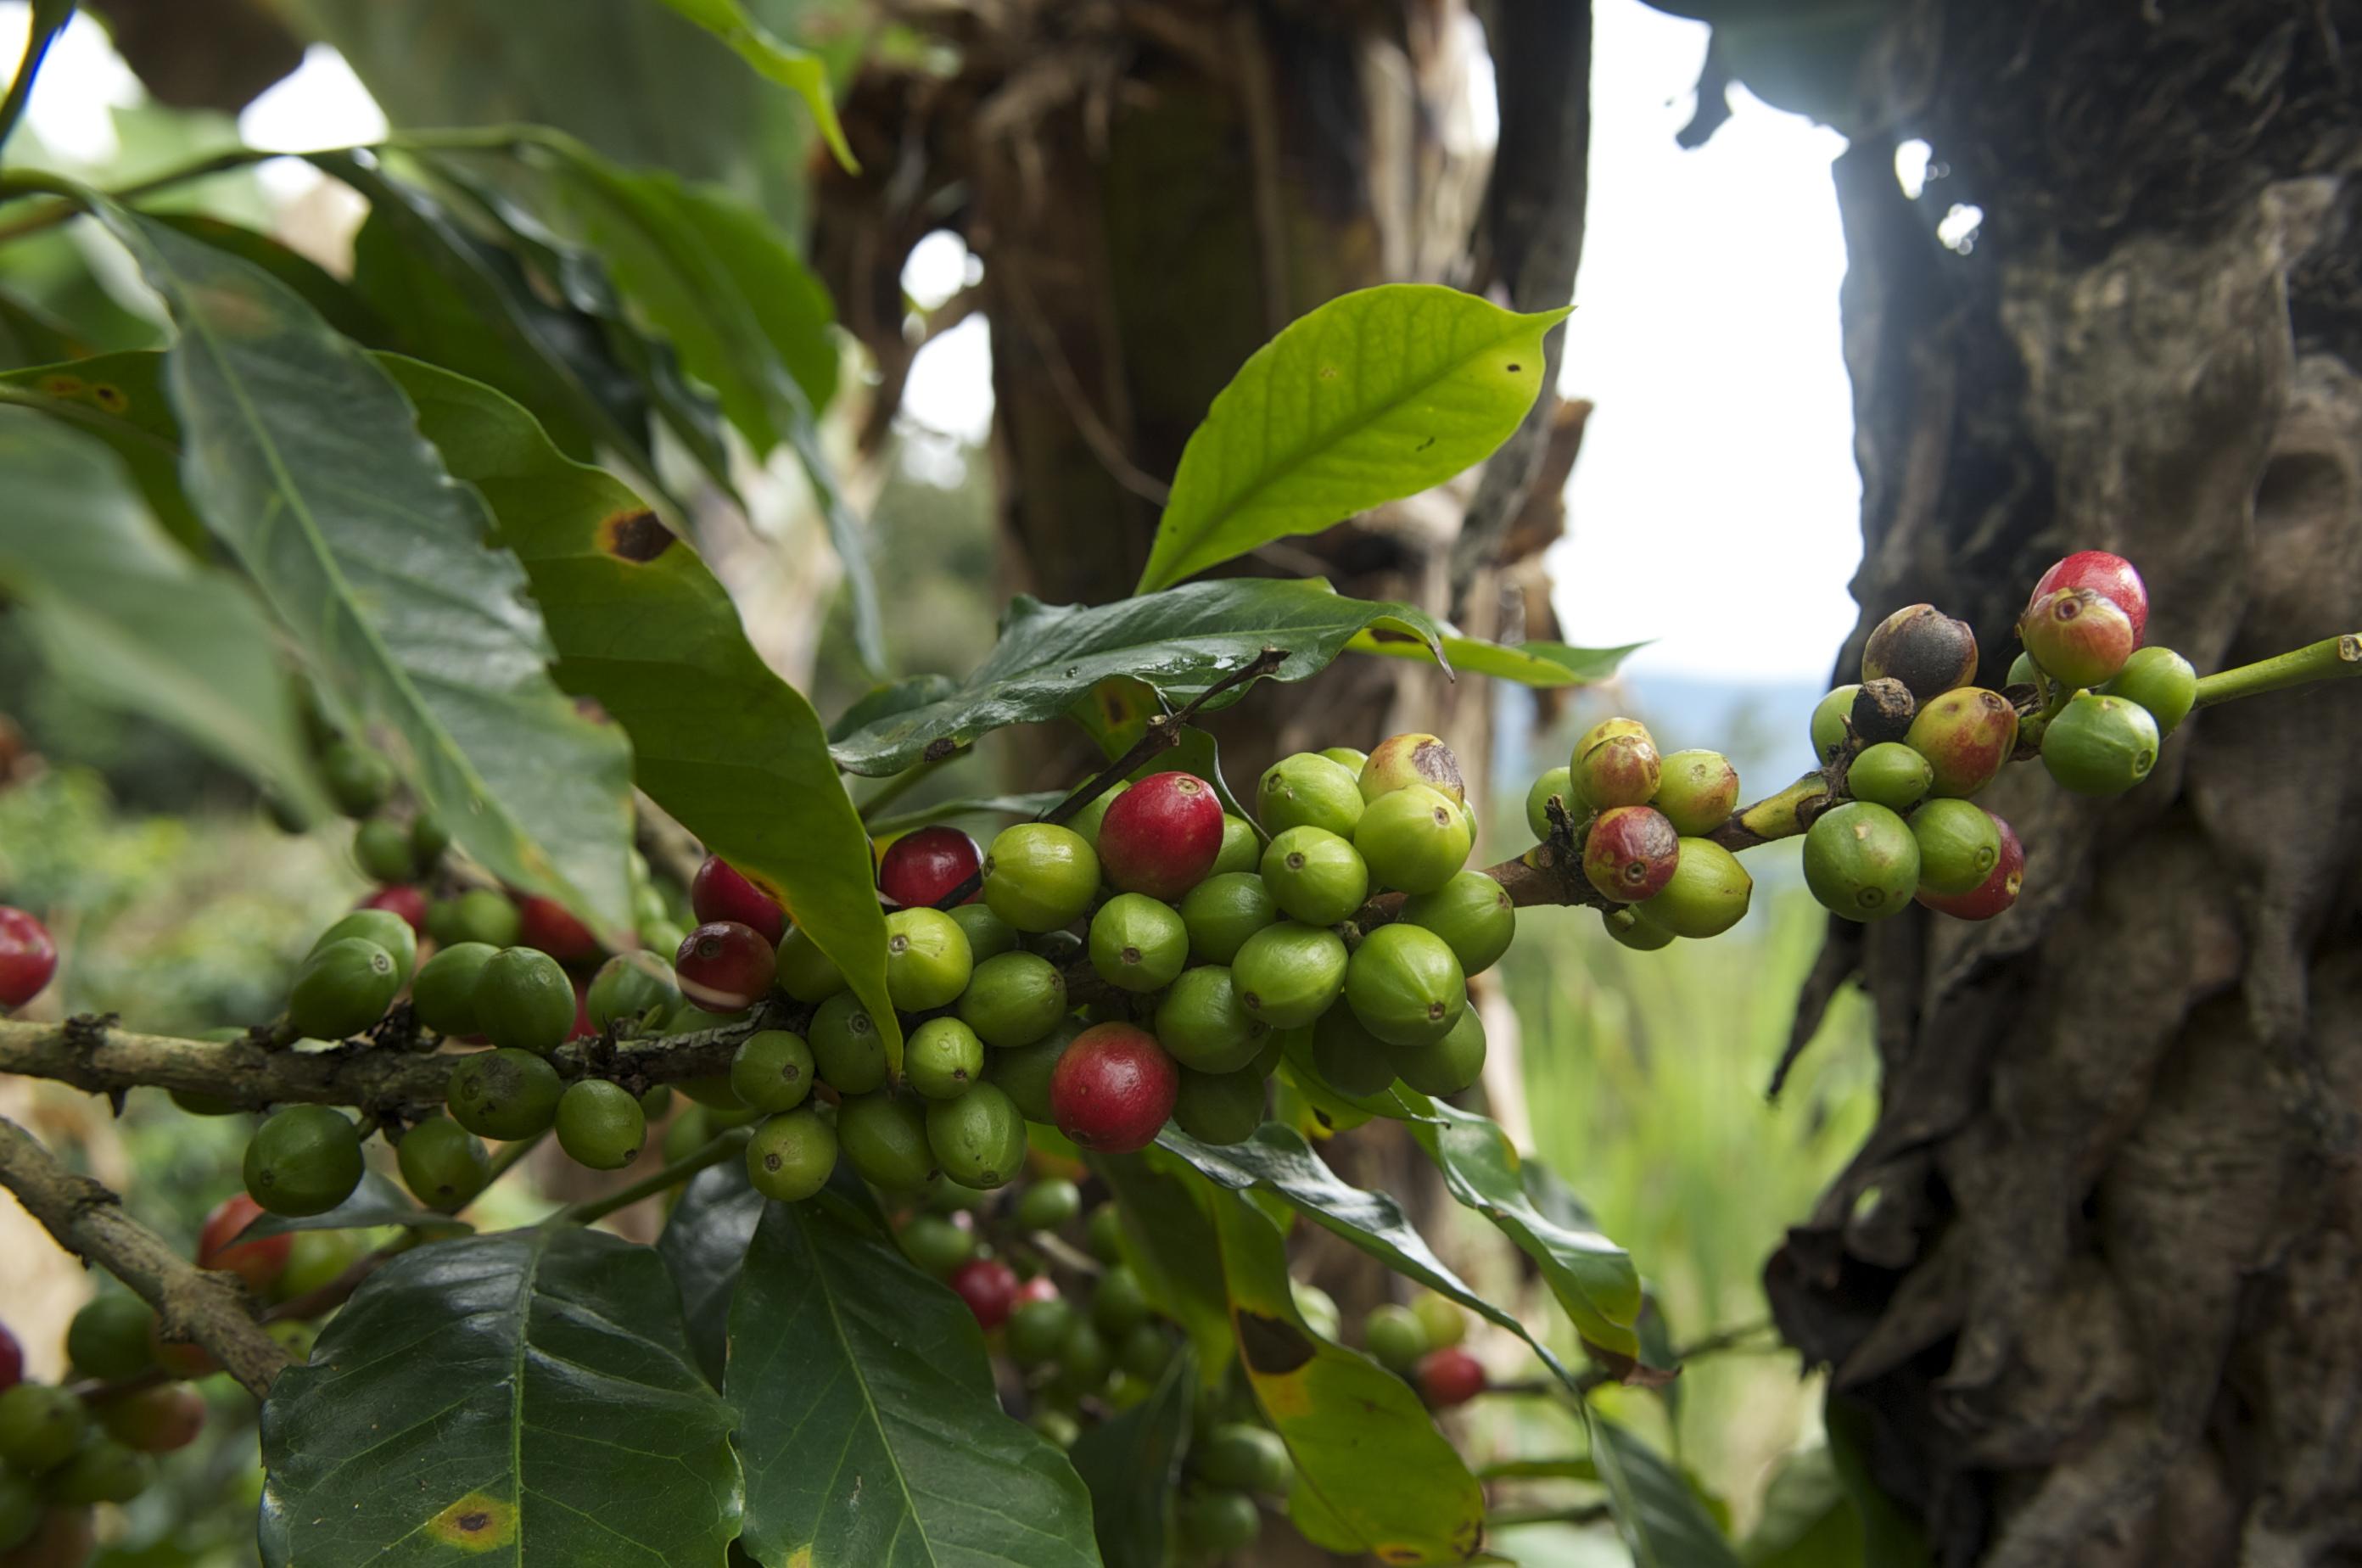 Los cultivos de café han permitido la recuperación de espacios degradados, que se han transformado en refugios para las aves. Foto: Mongabay Latam.